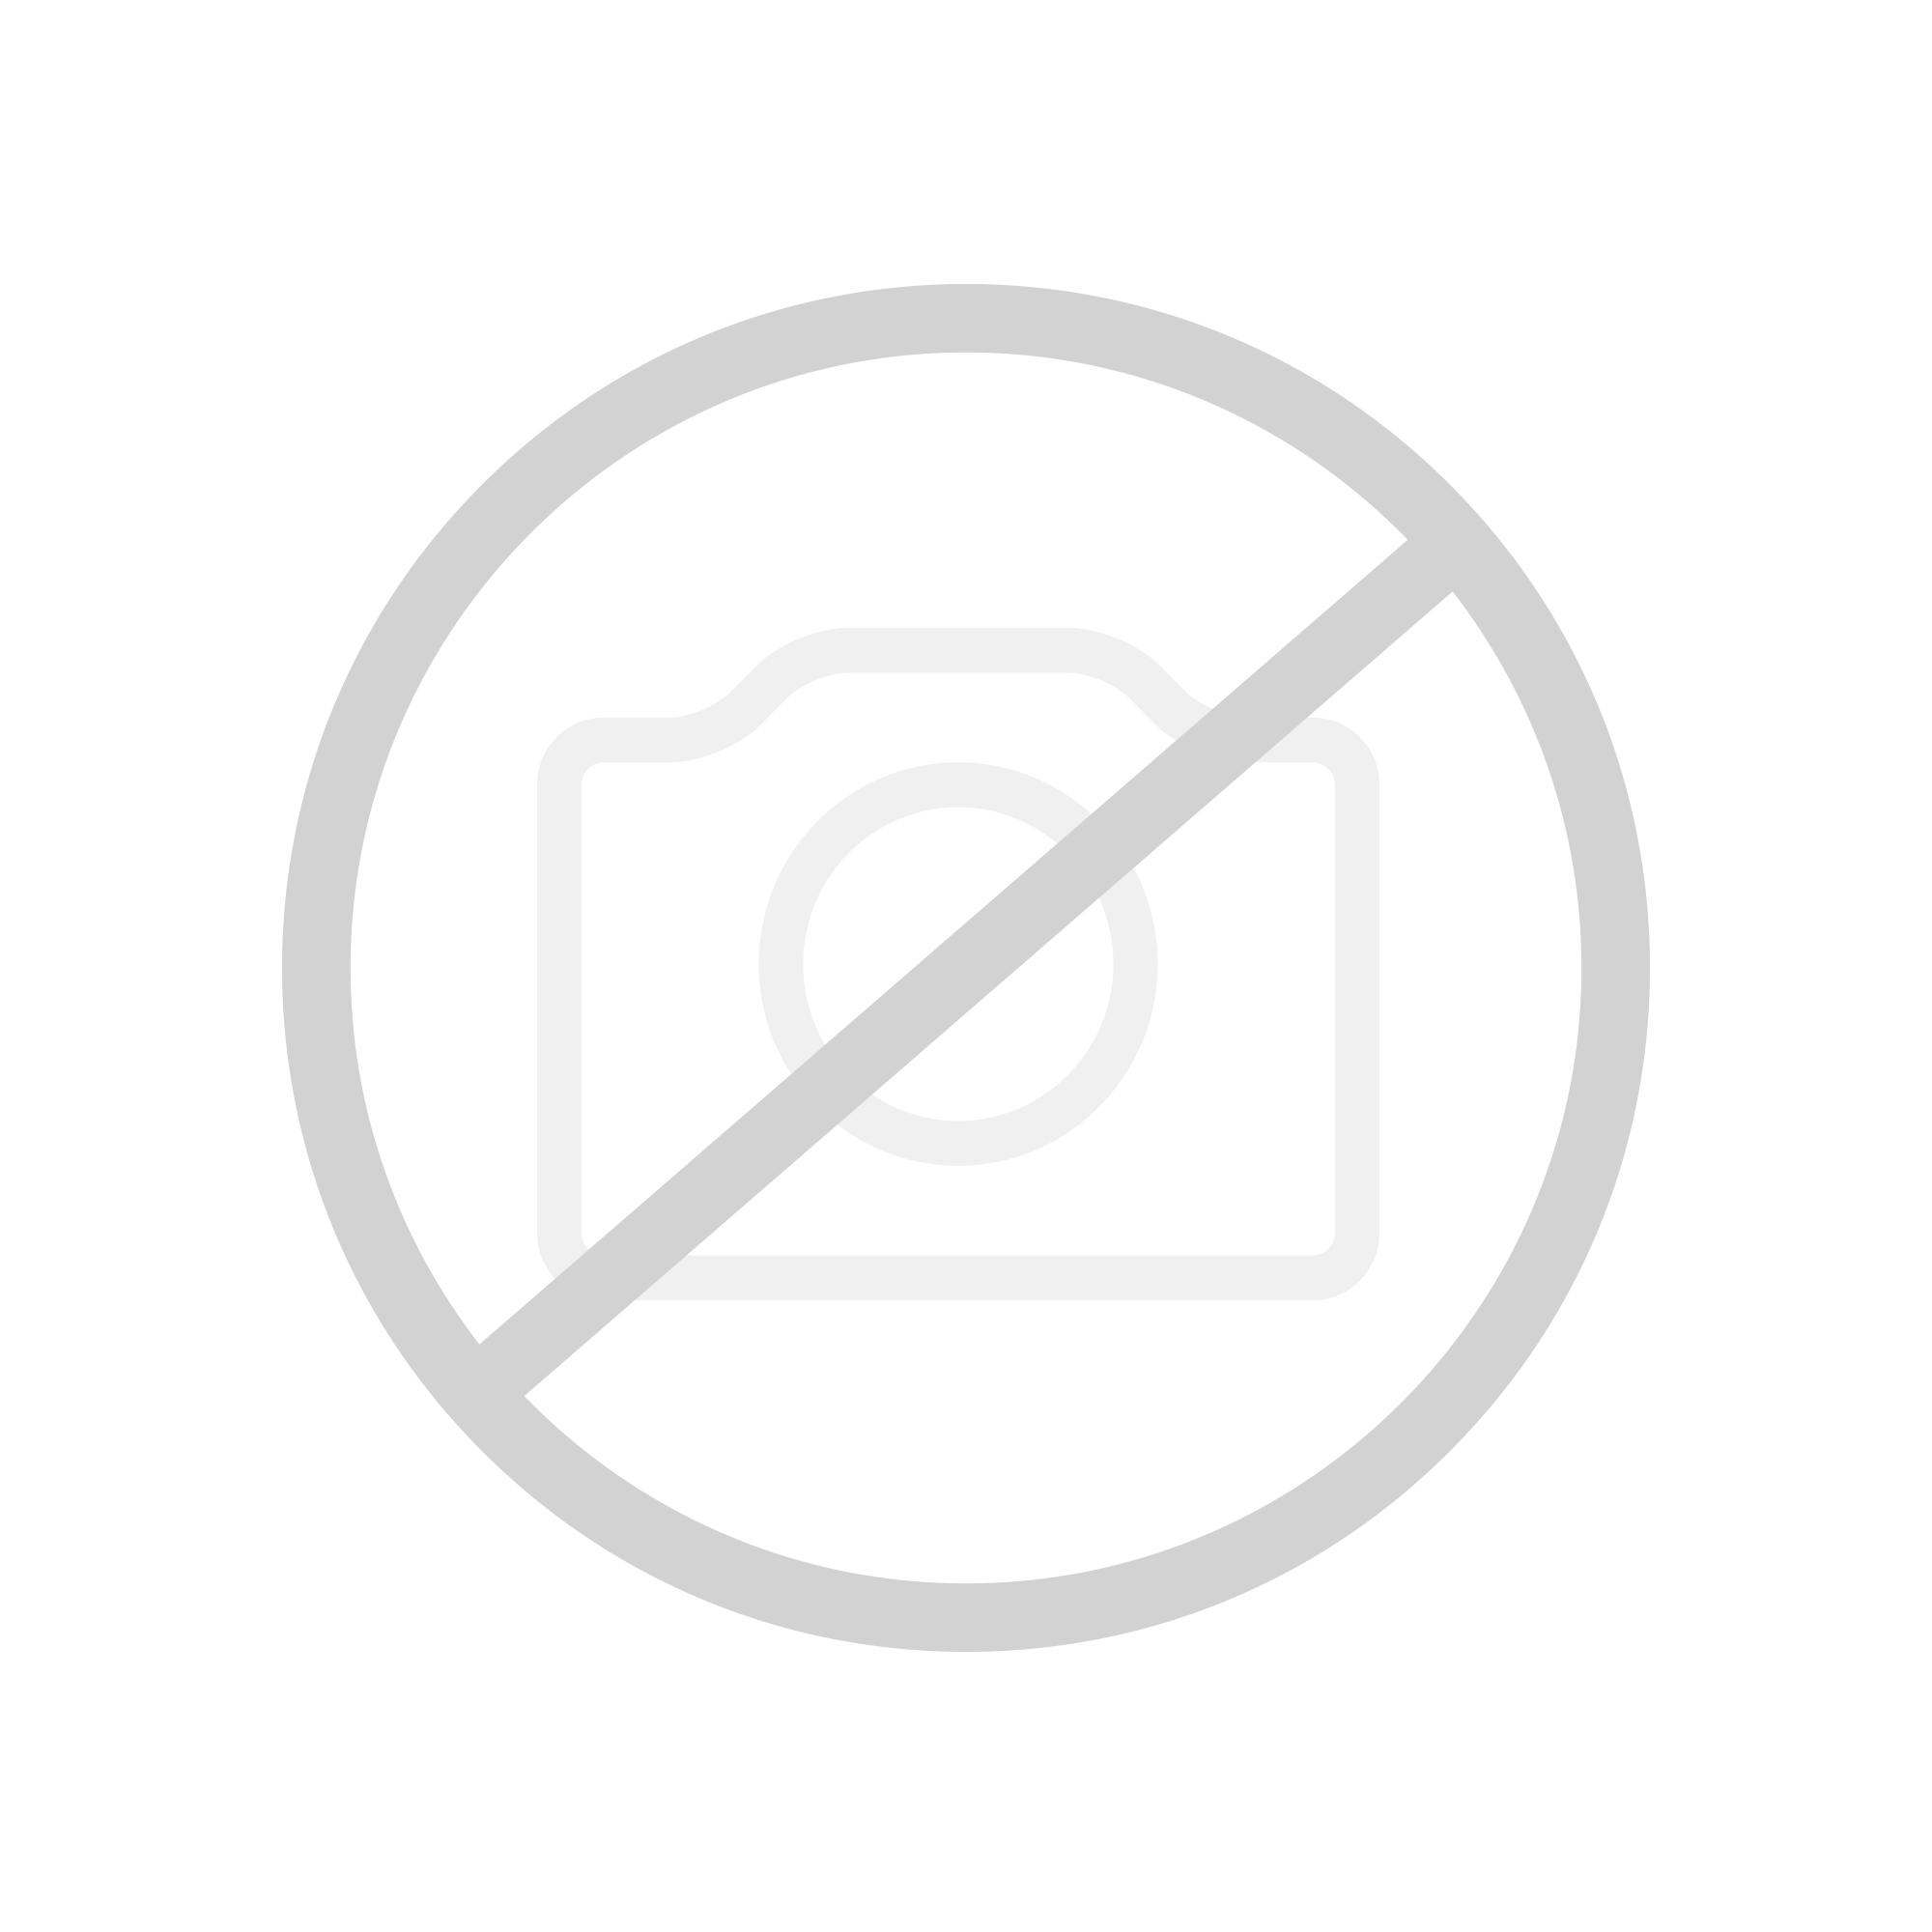 antoniolupi Bikappa BK903N Bodenauslauf für freistehende Wannen mit Handbrause